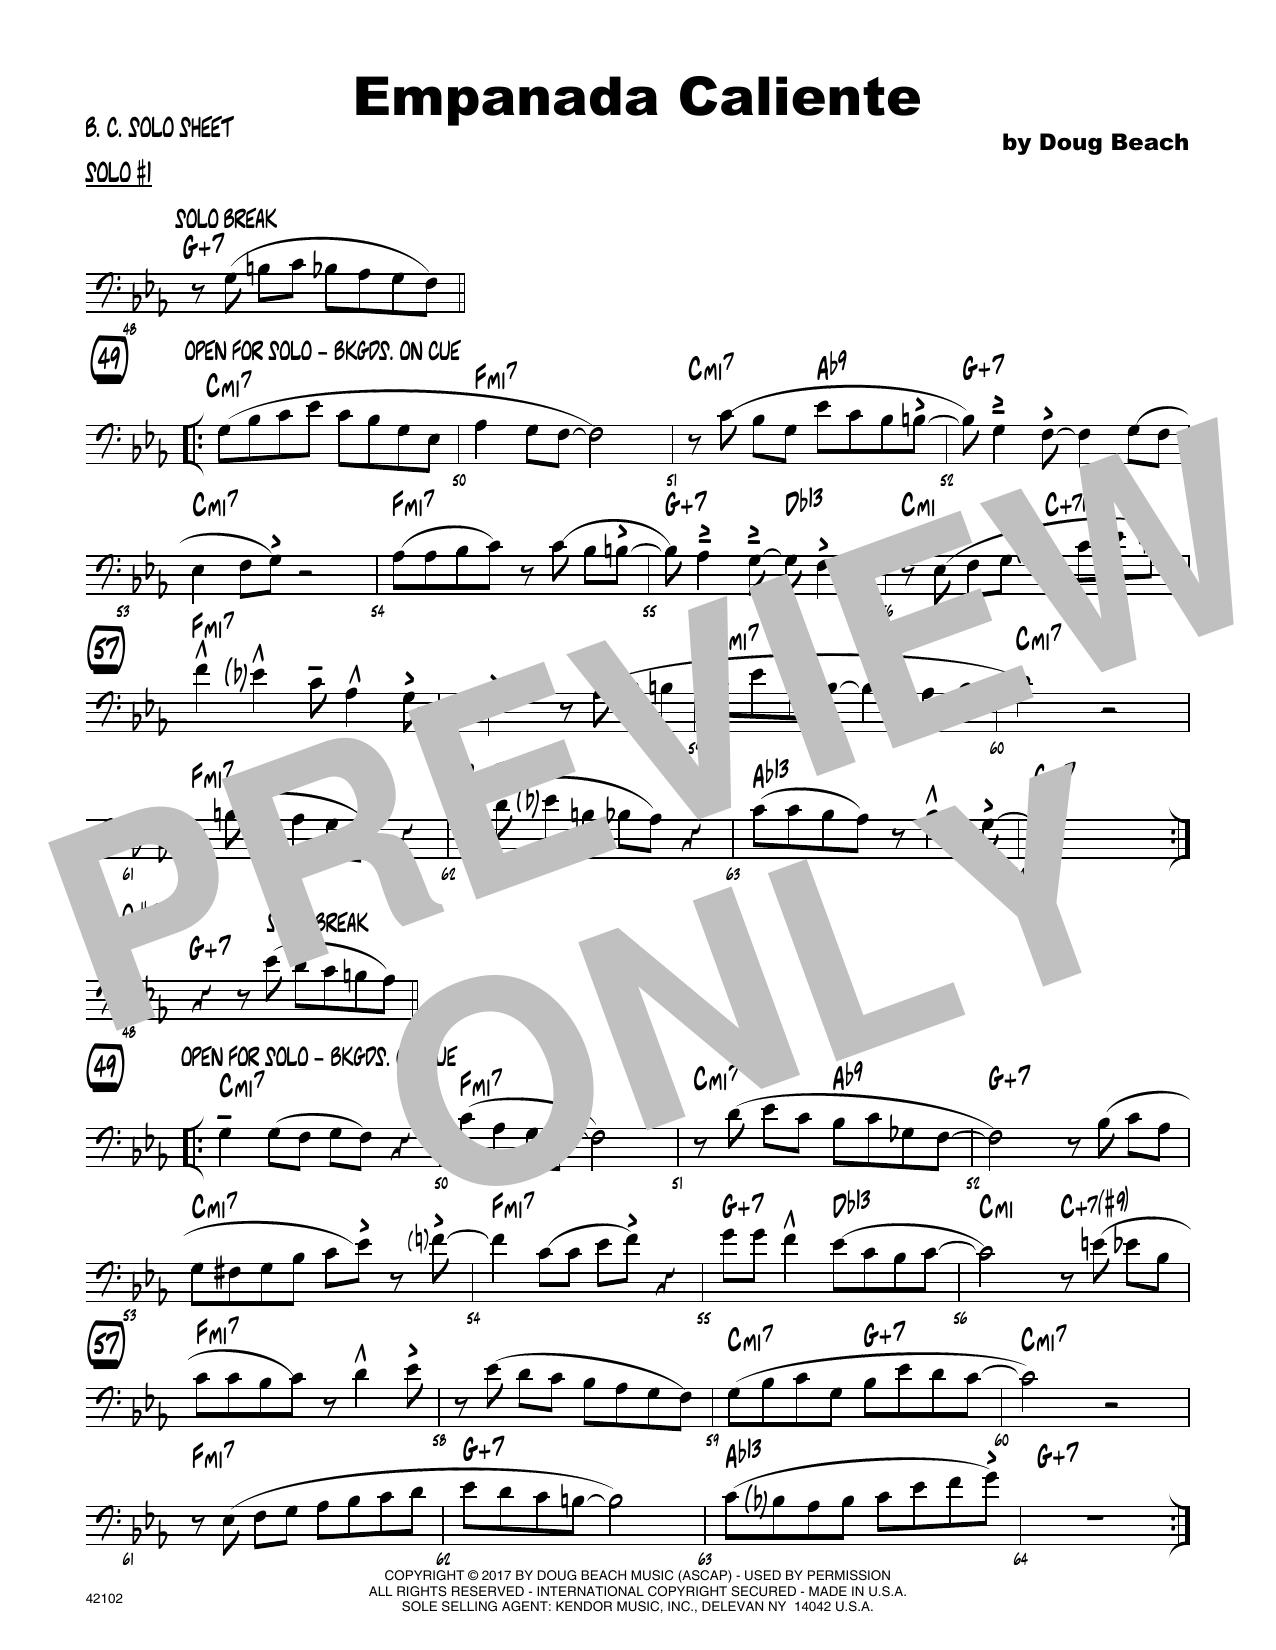 Empanada Caliente - Solo Sheet - Trombone Sheet Music